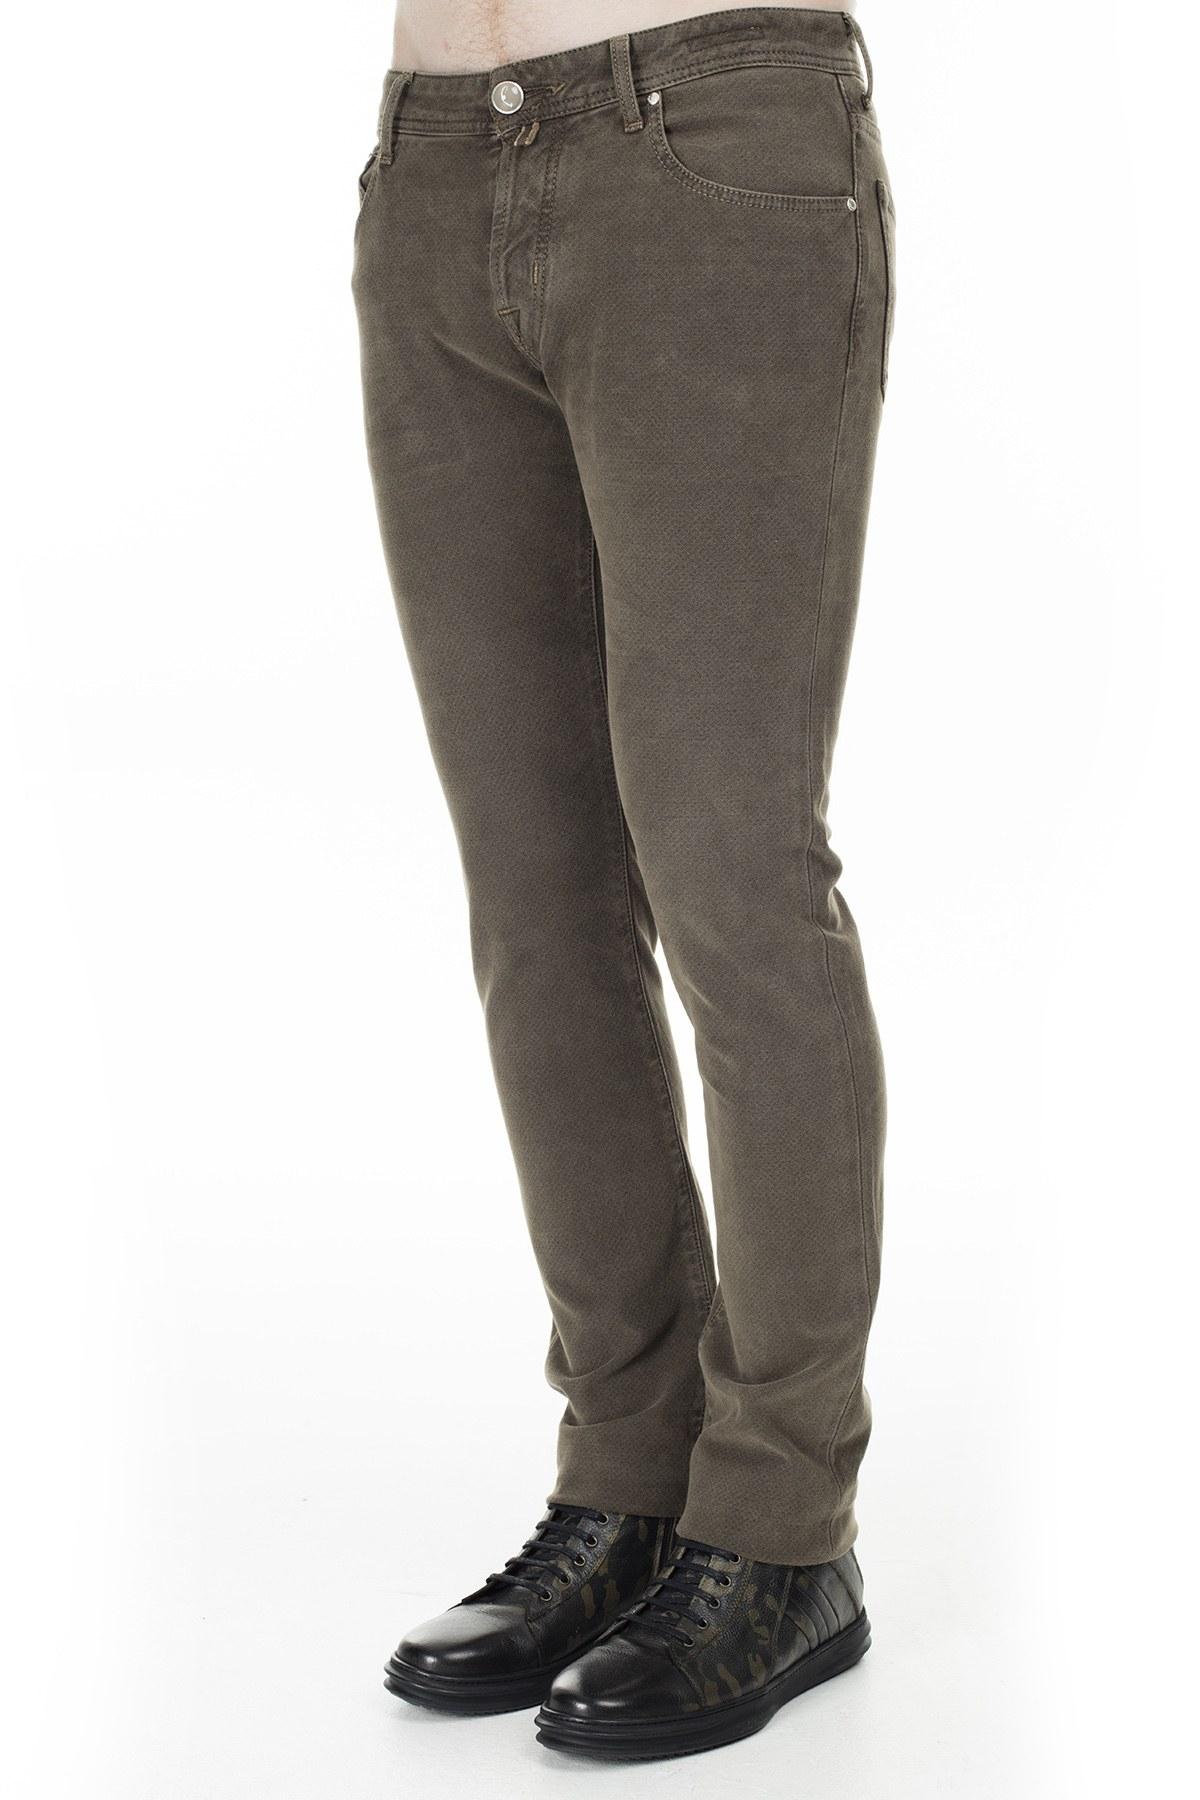 Jacob Cohen Jeans Erkek Pamuklu Pantolon J622 01661V 943 VİZON